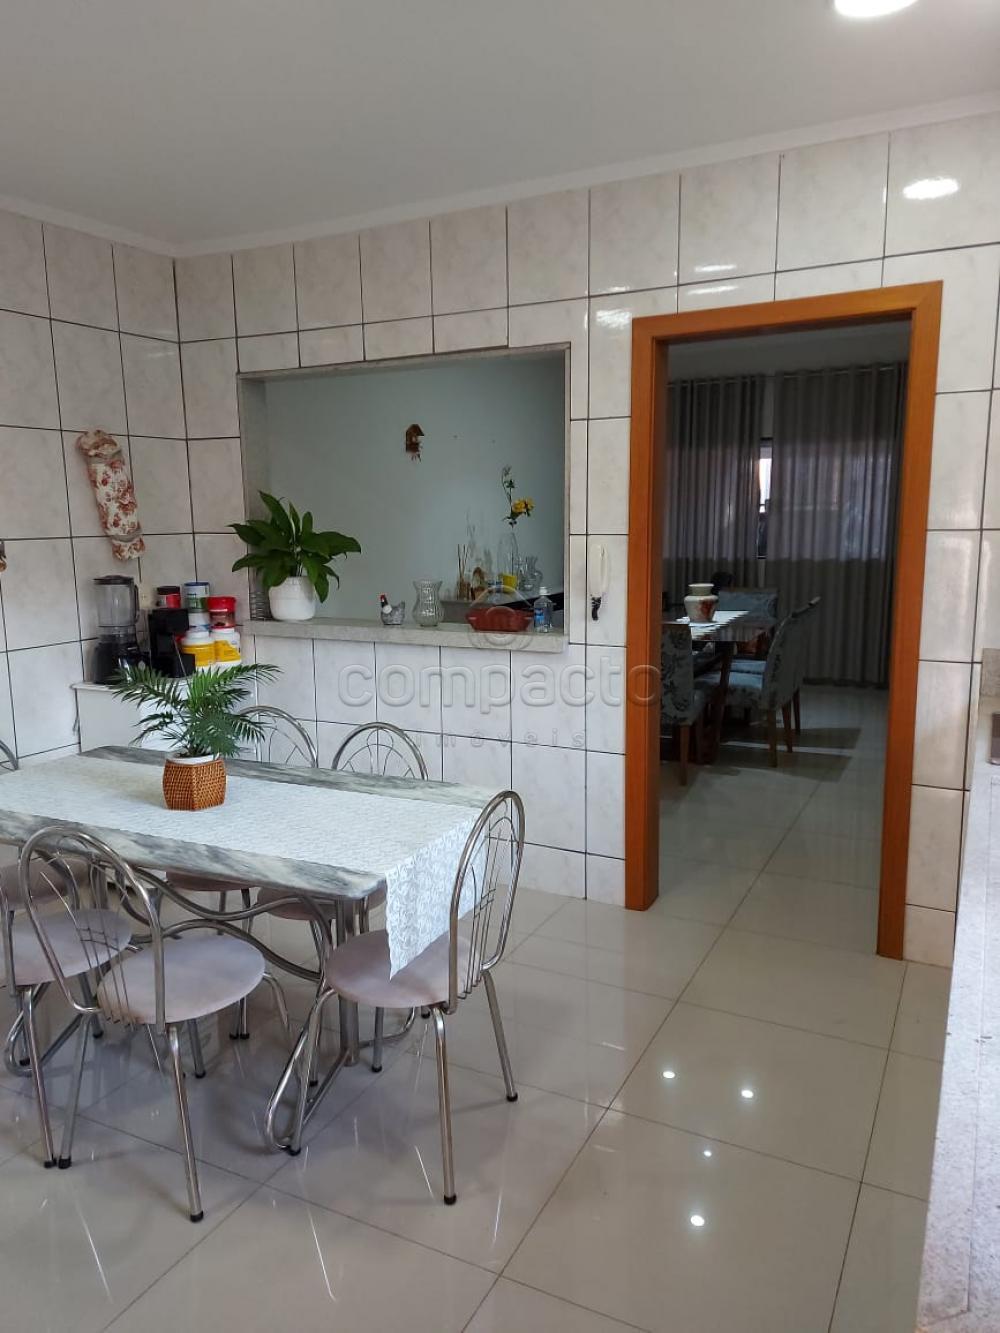 Comprar Casa / Padrão em Mirassol apenas R$ 420.000,00 - Foto 12